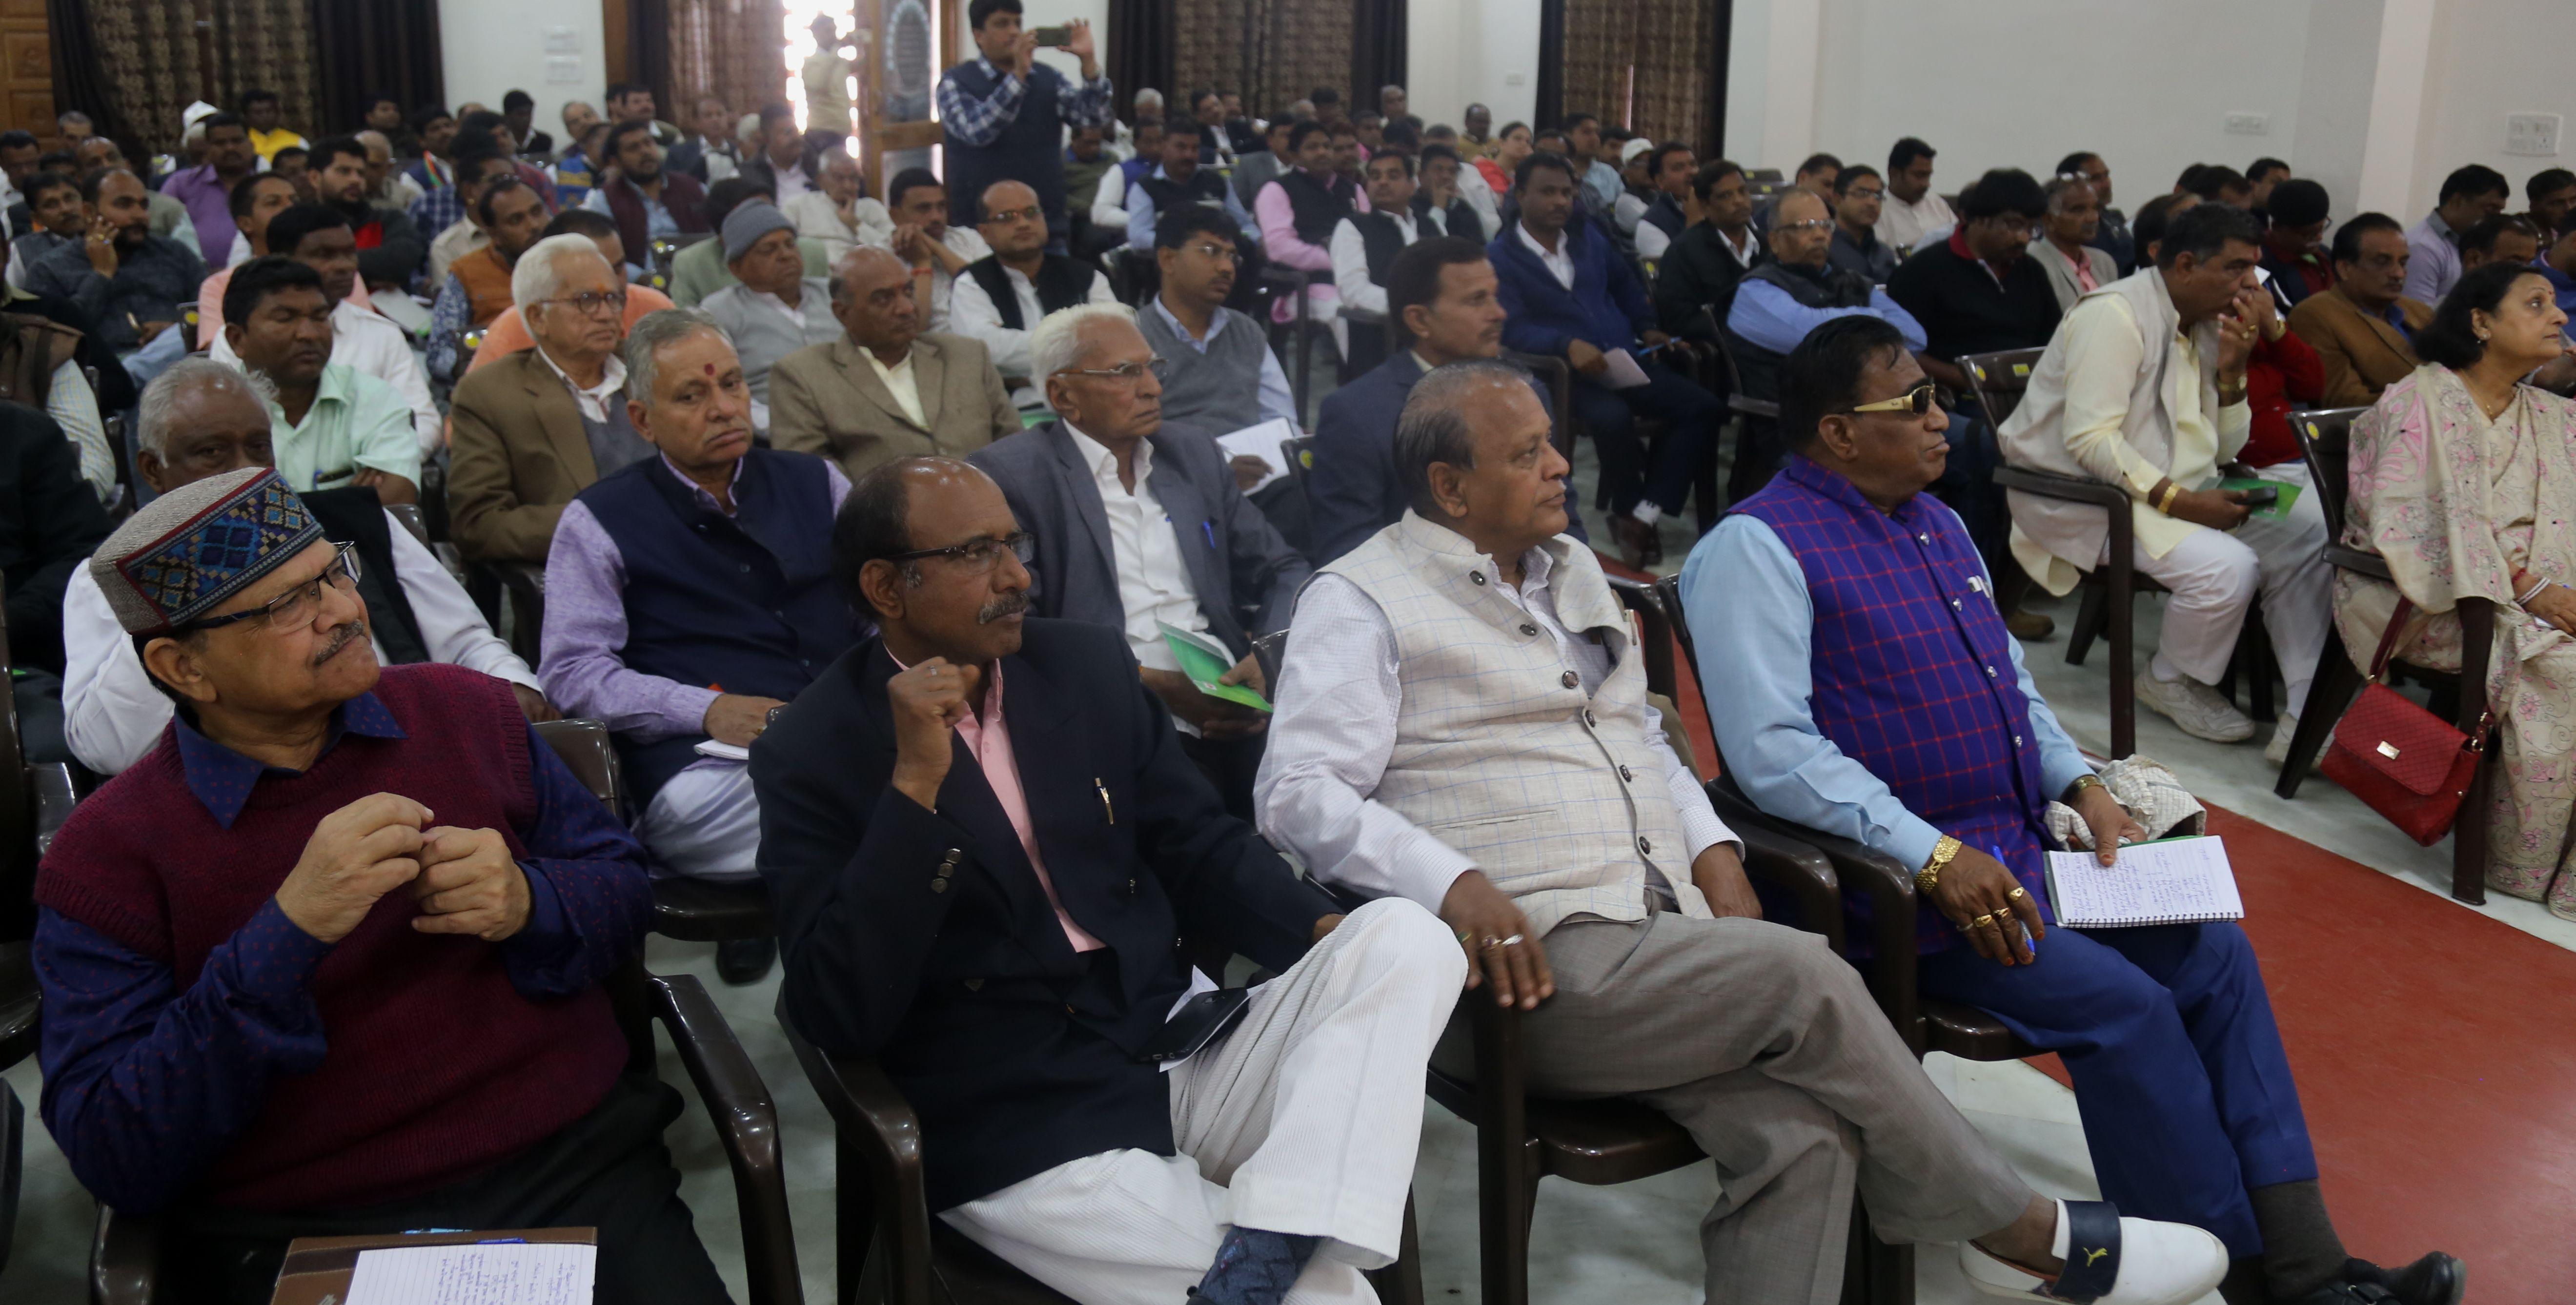 VIDEO : नेताजी बोले, राजस्थान में संवेदना मर चुकी, मंत्री बयानबाजी में लगे